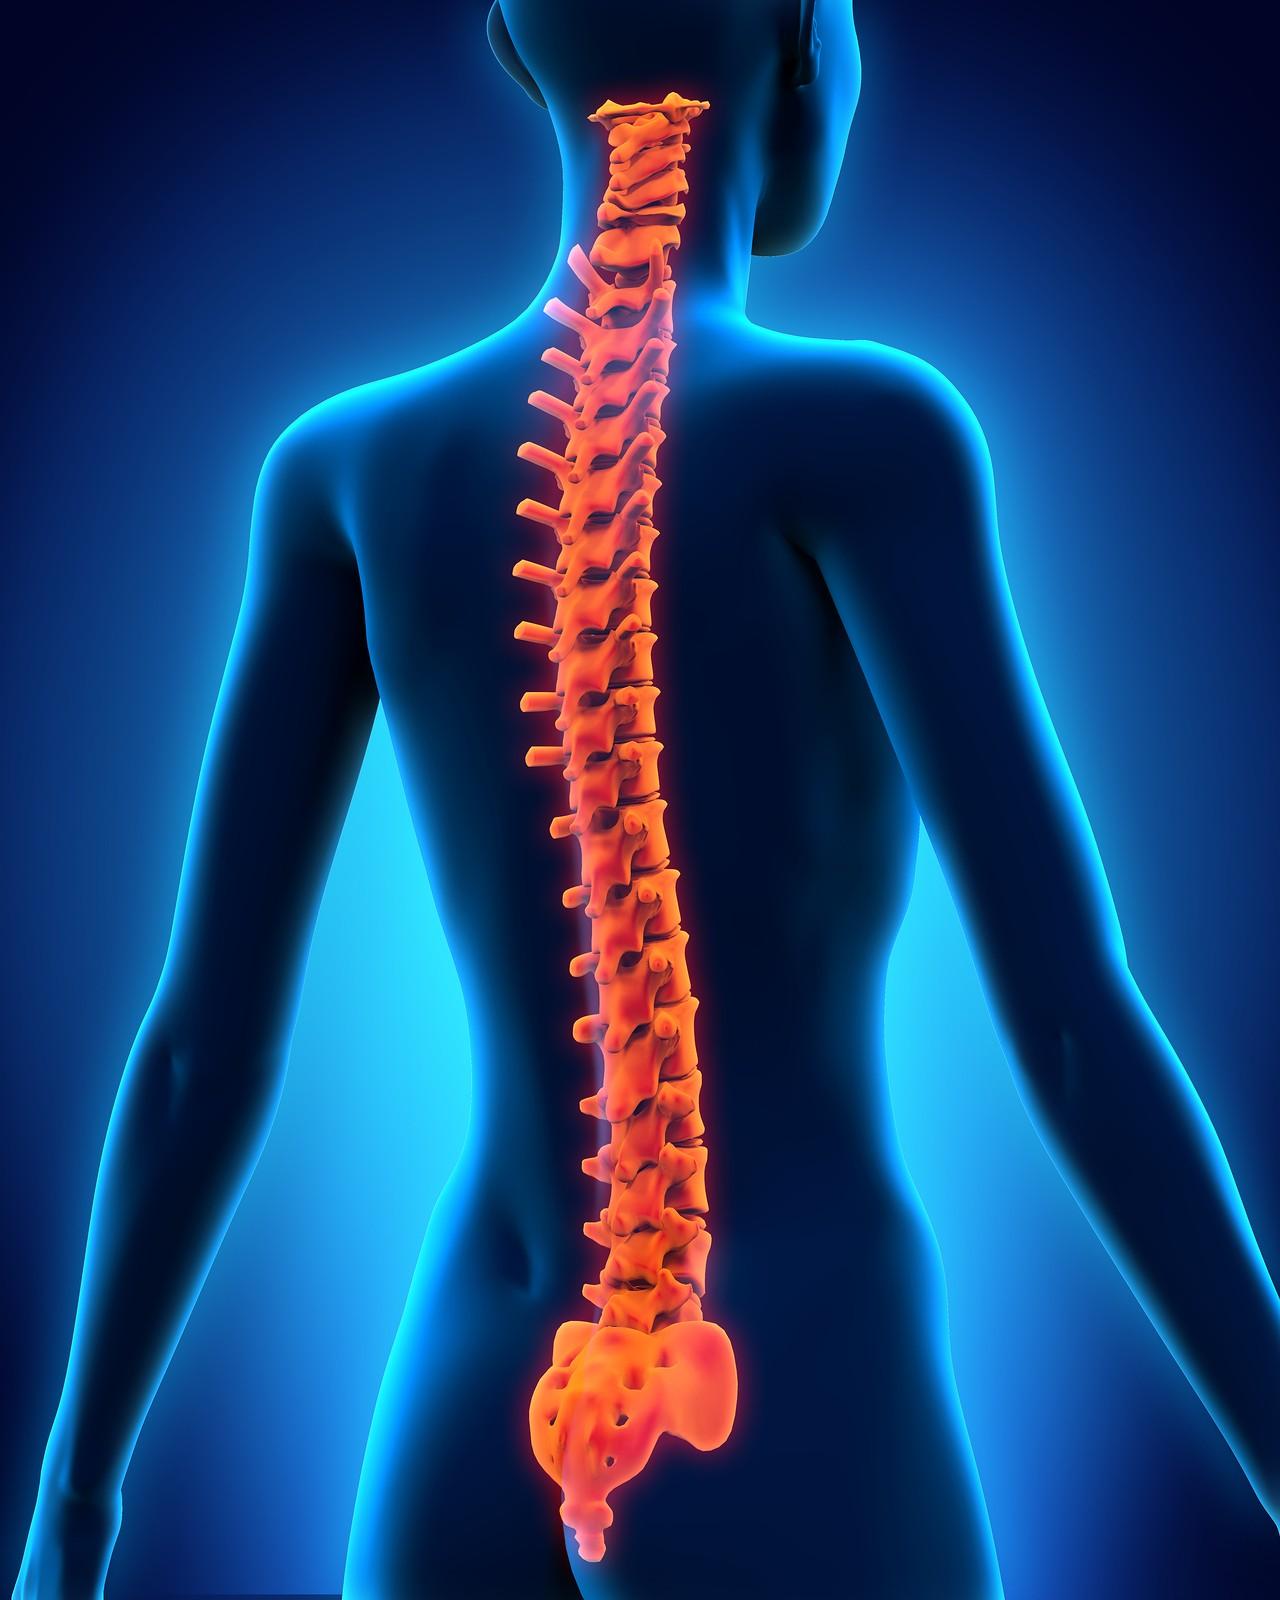 Анатомическое строение позвоночника человека